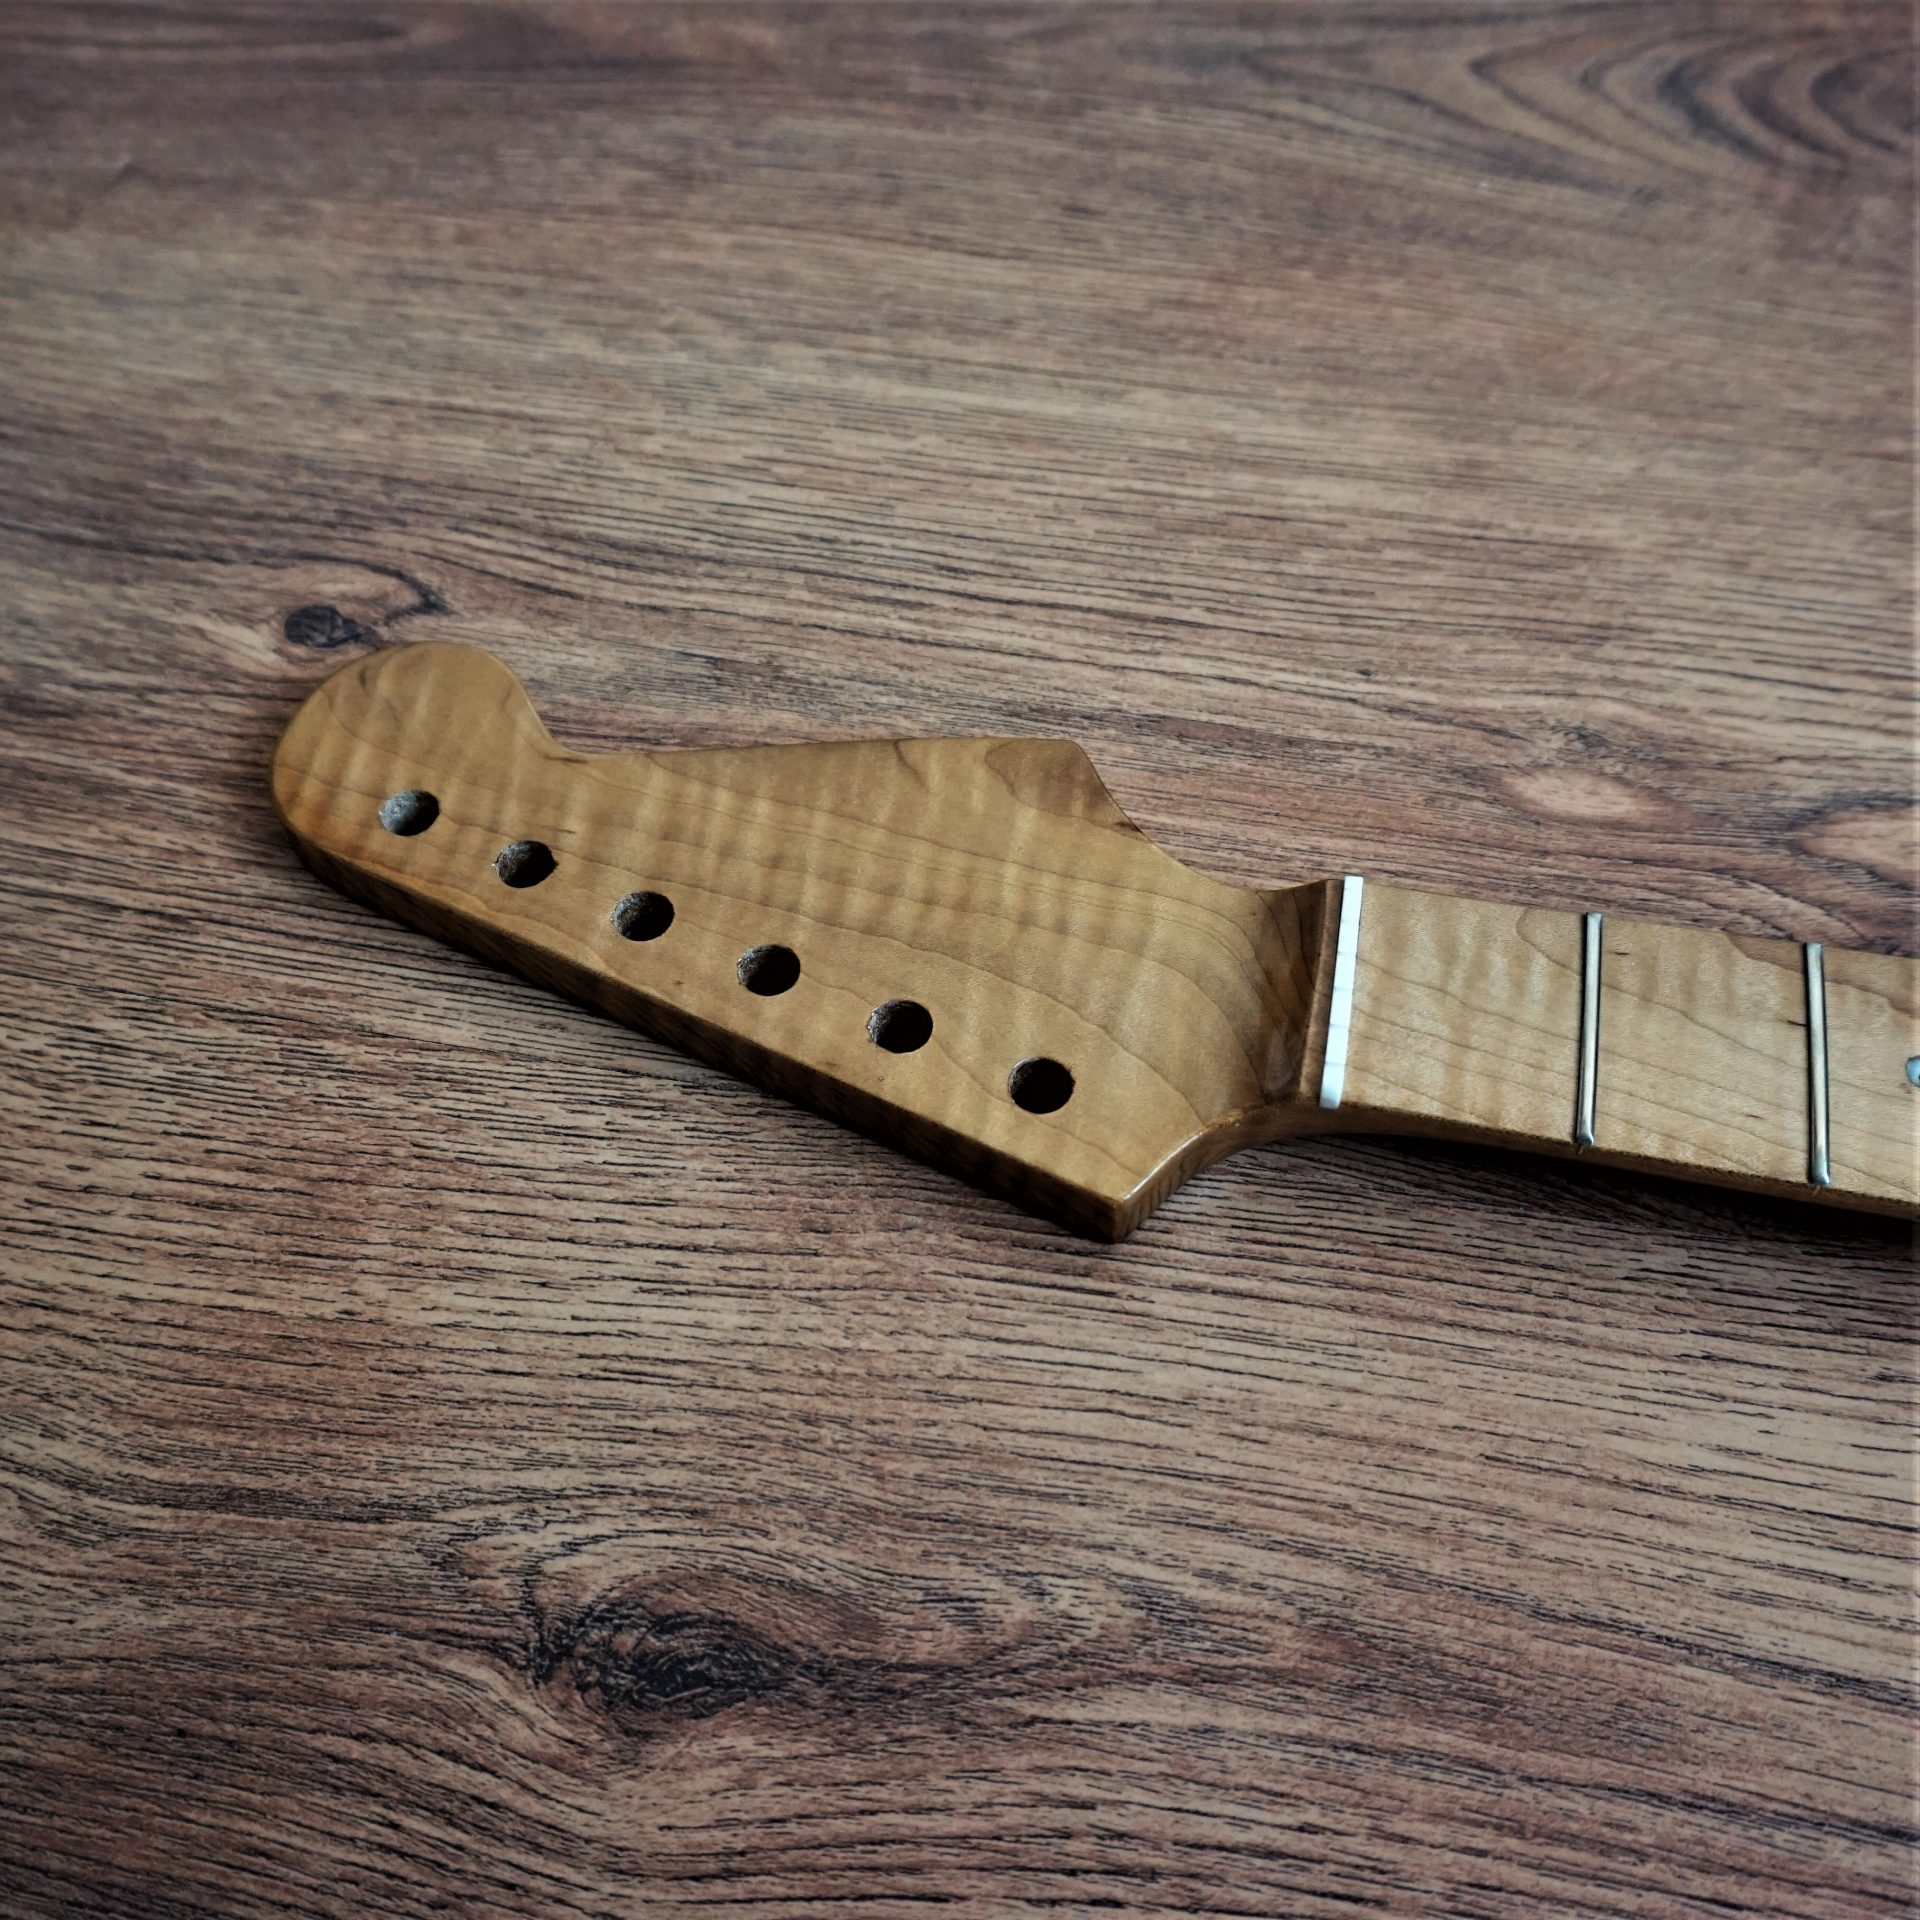 Stratocaster Roasted Canadian Maple Neck with Ebony Fretboard 22 Frets